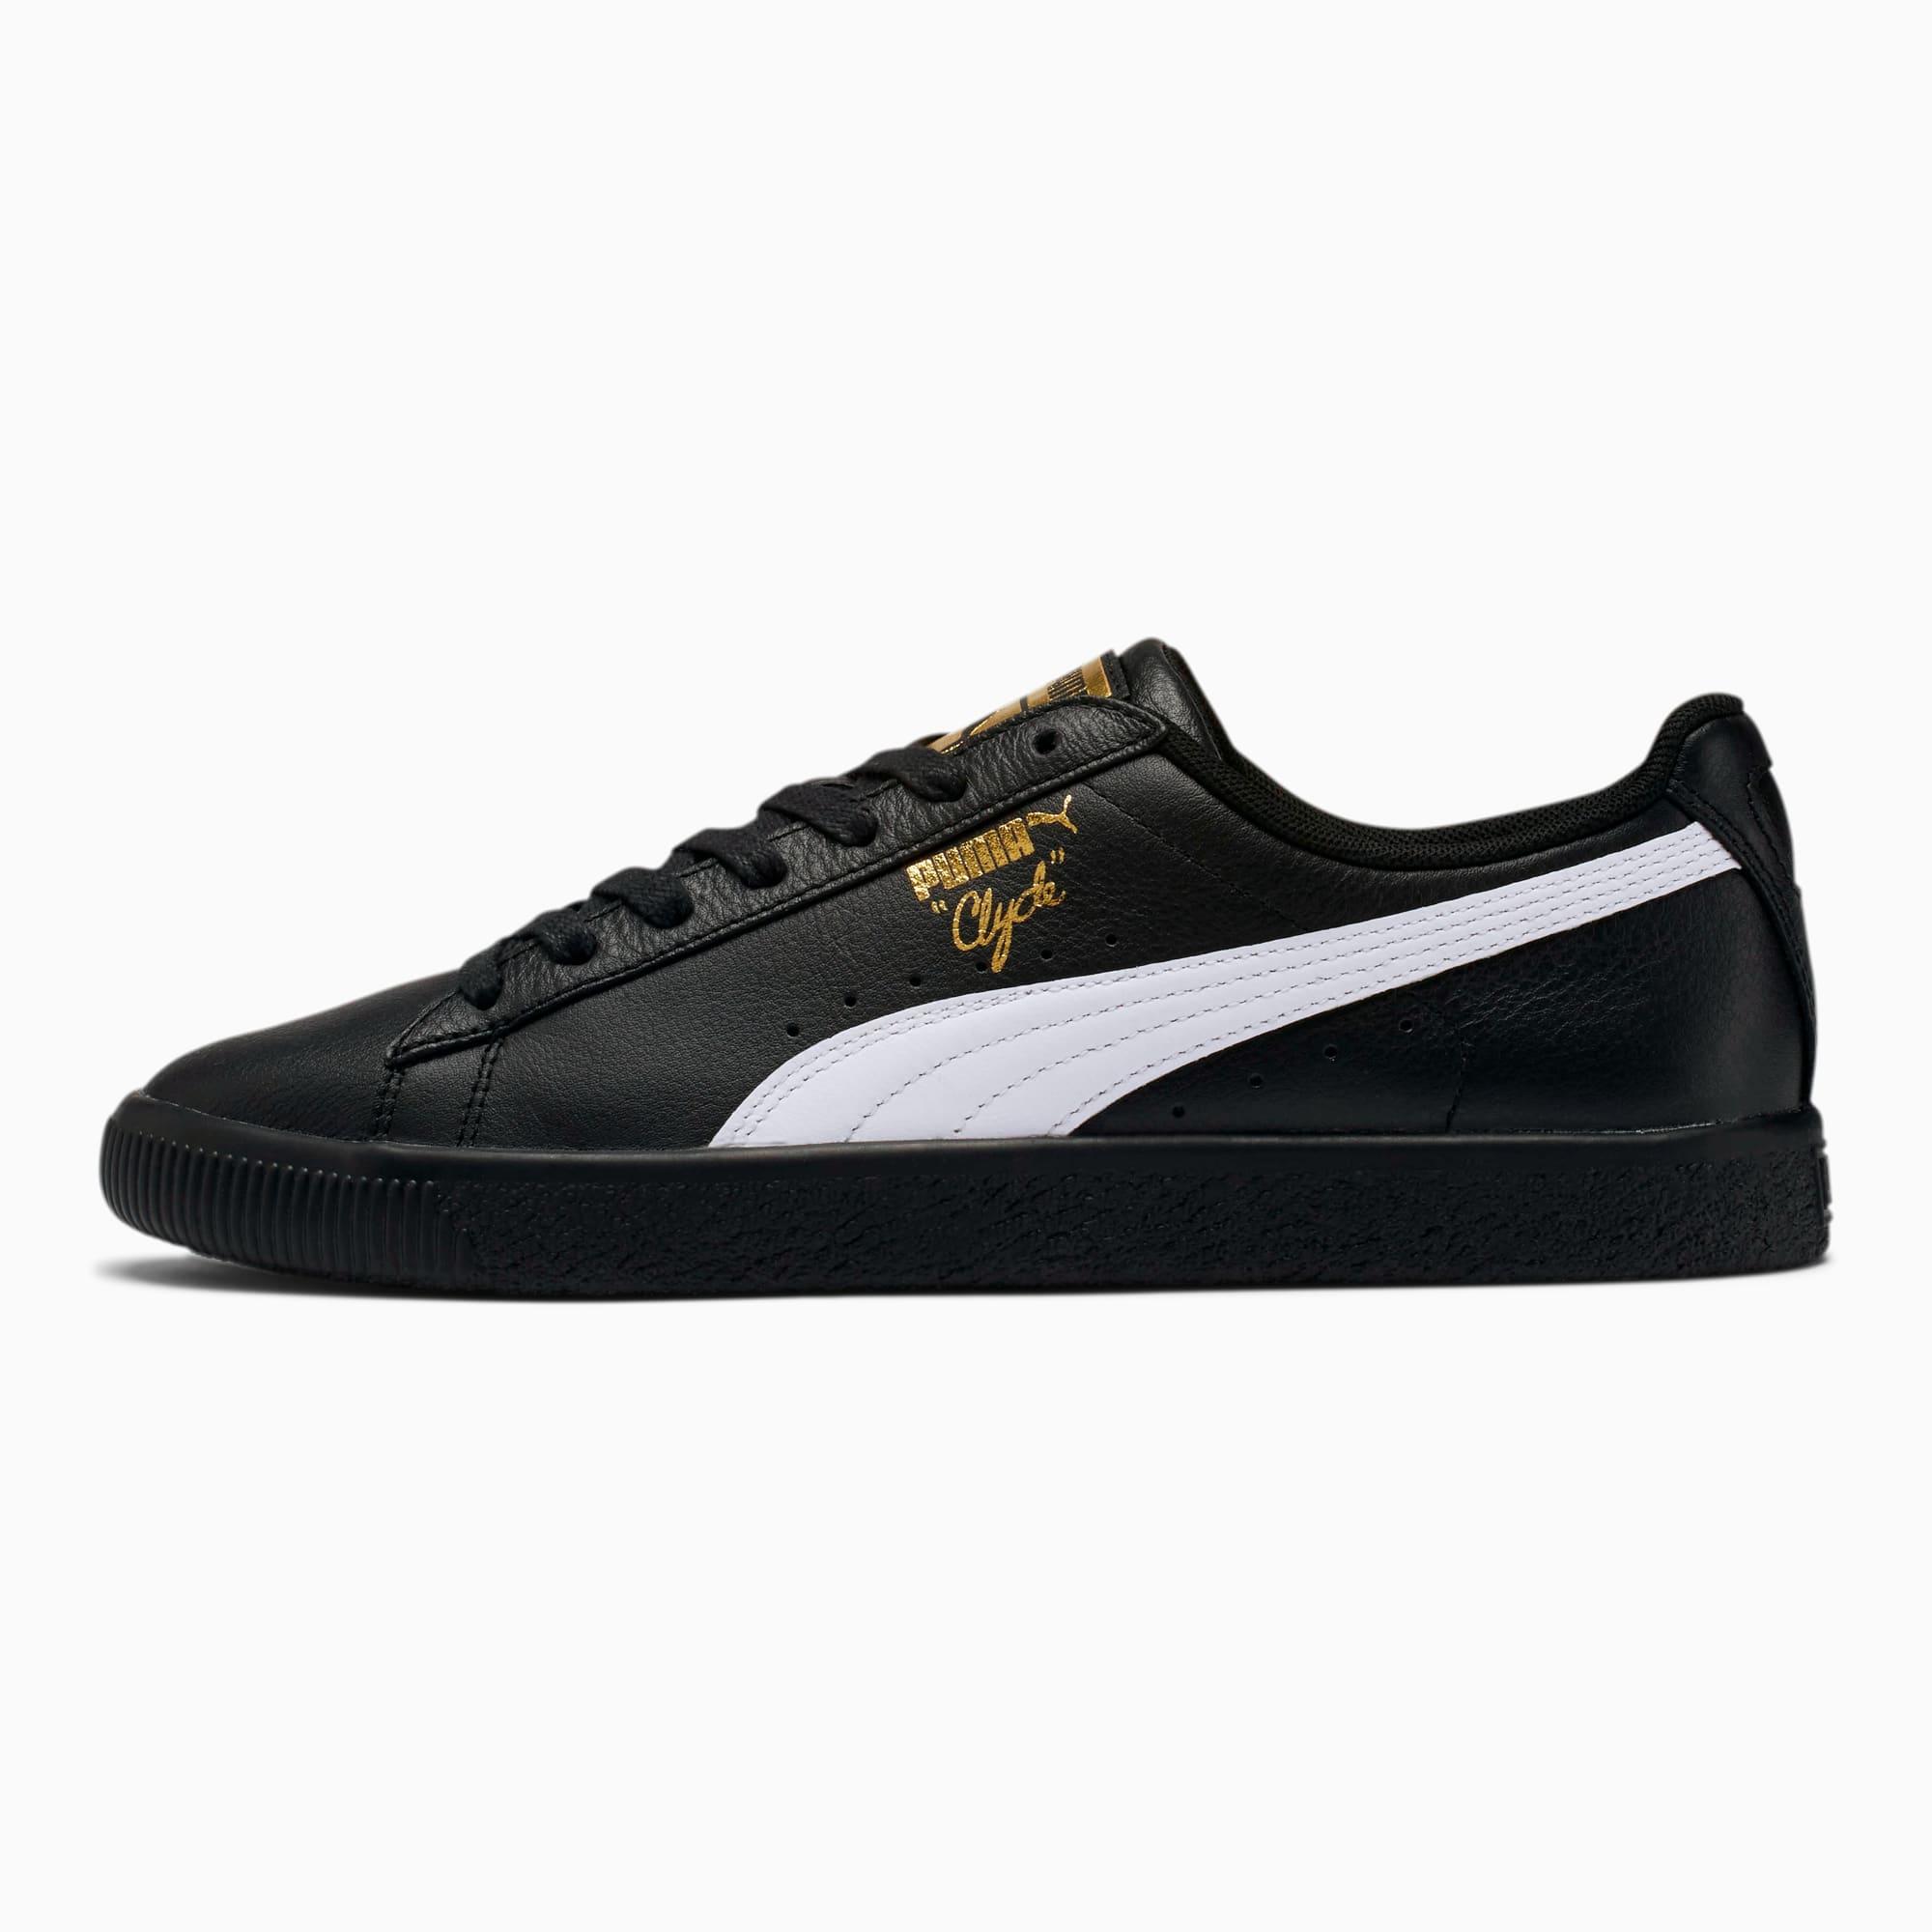 Puma Clyde Core L Foil Athletic Men/'s Shoes Size